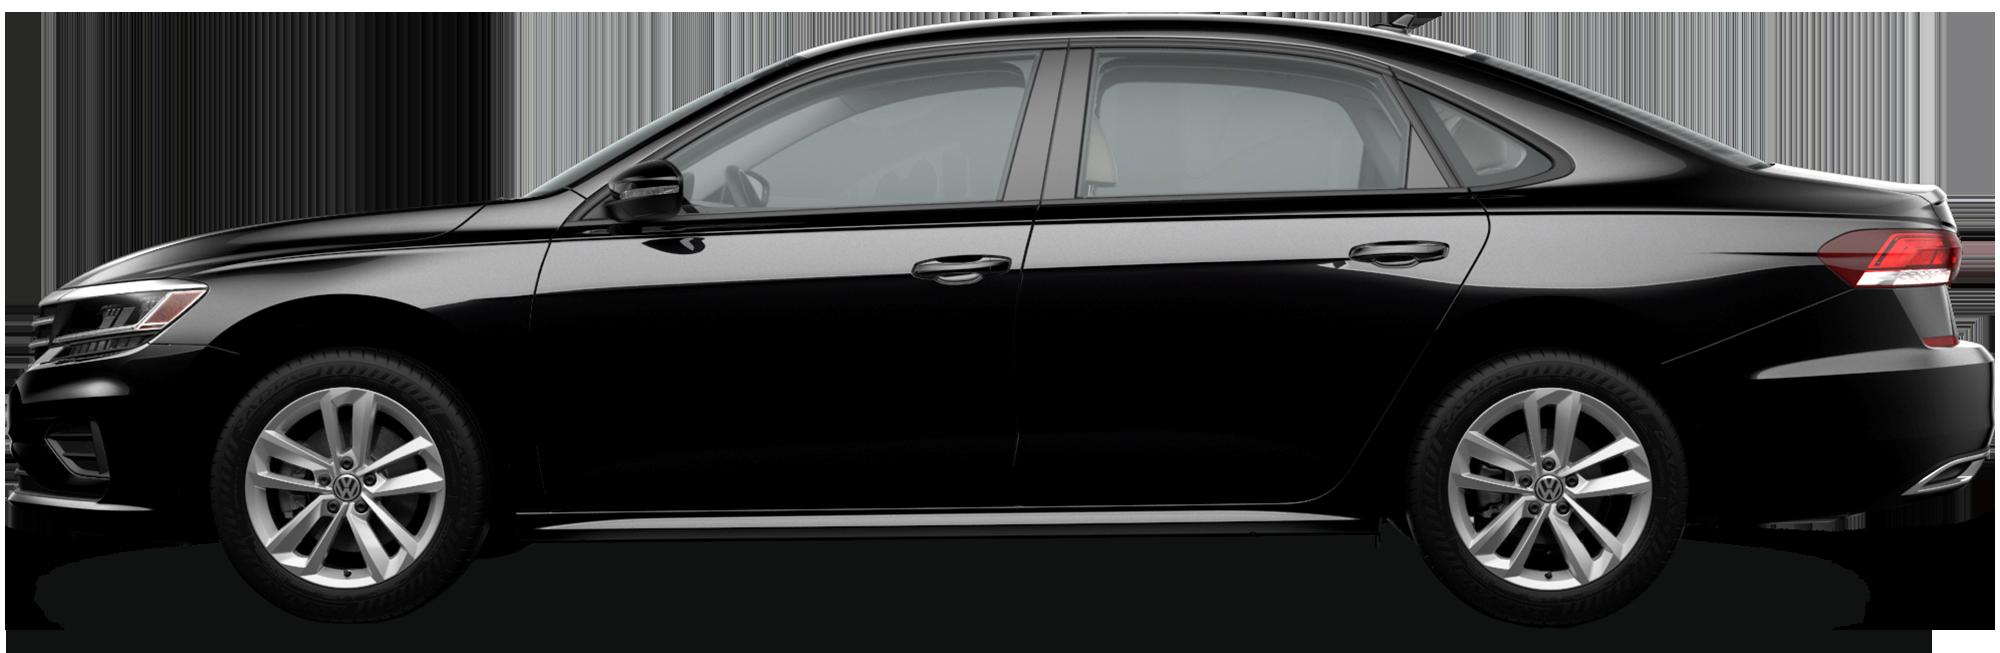 2021 Volkswagen Passat Sedan 2.0T S